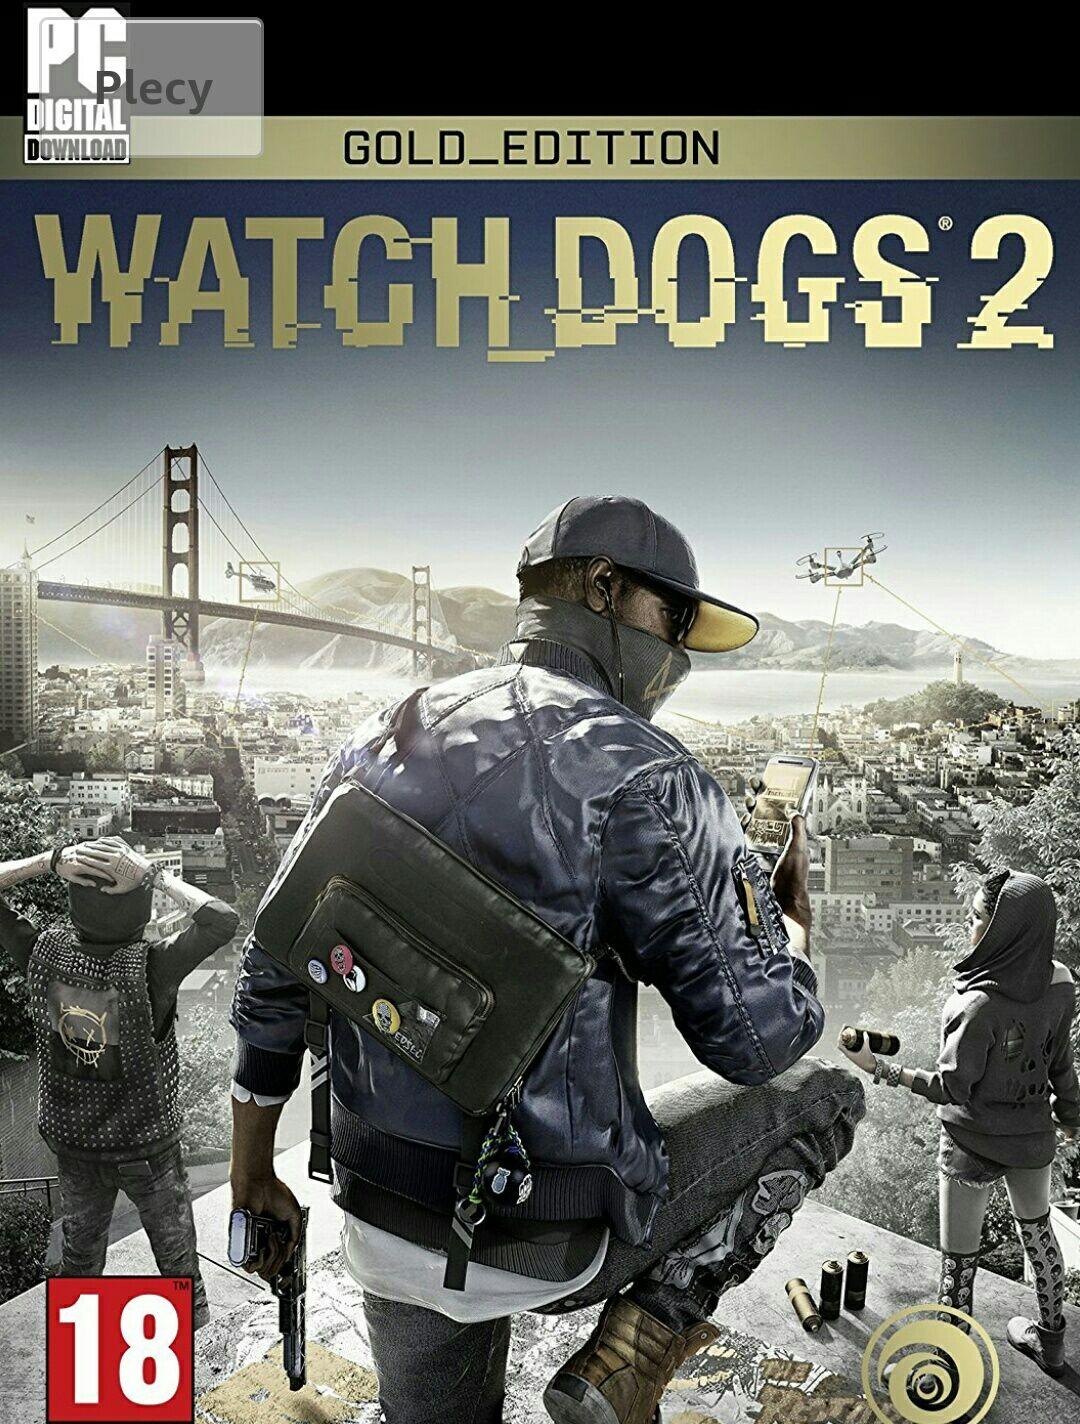 WATCH DOGS 2 Złota edycja PC